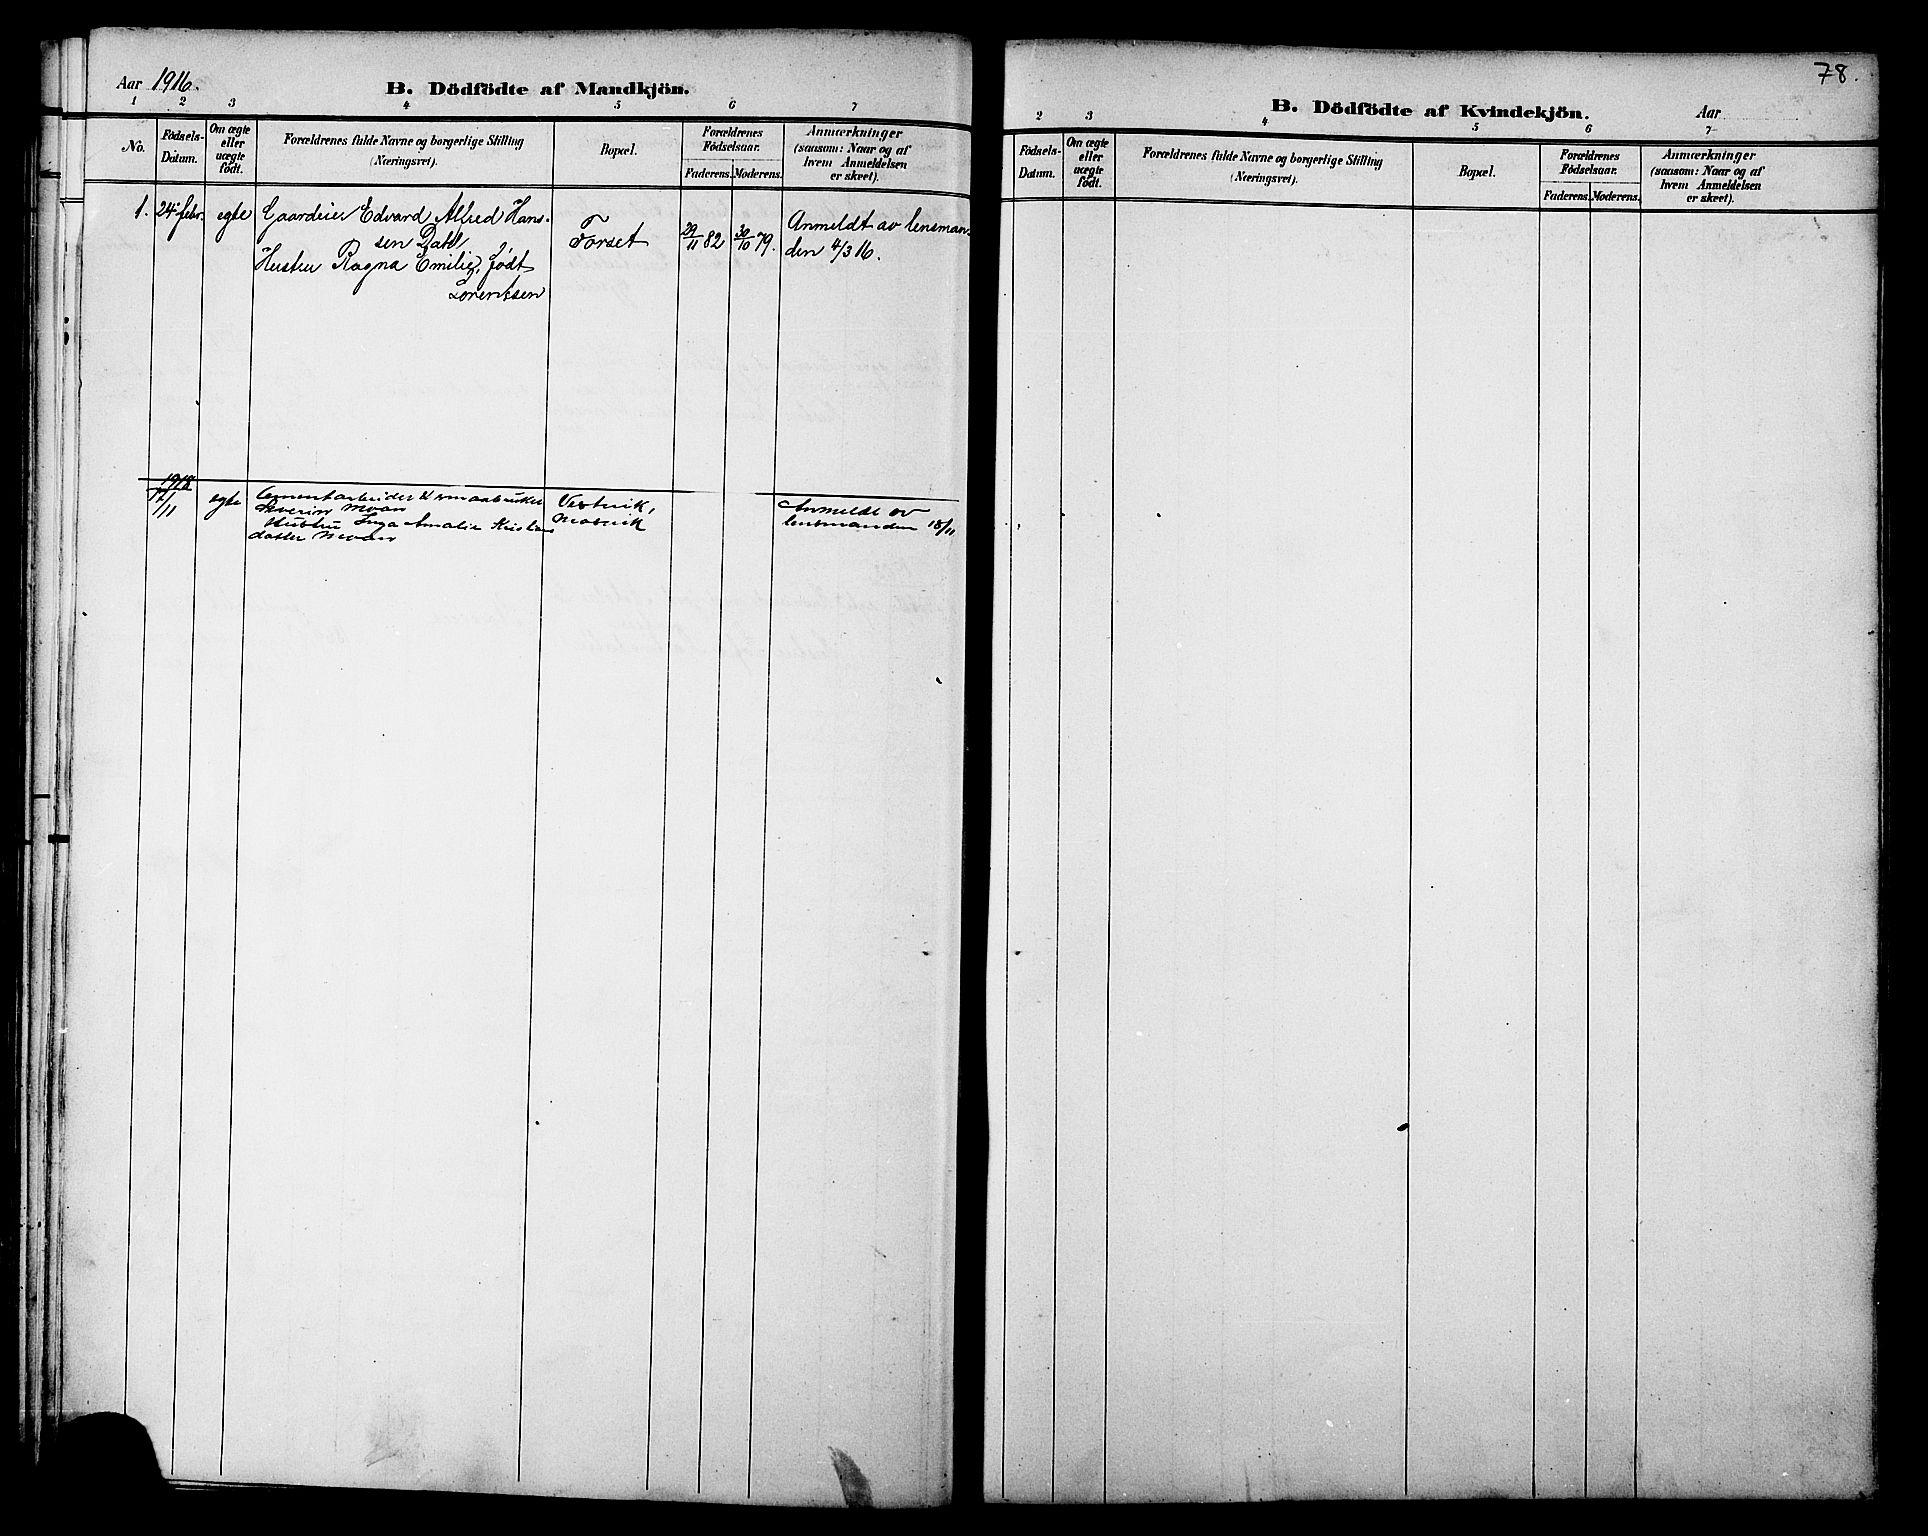 SAT, Ministerialprotokoller, klokkerbøker og fødselsregistre - Nord-Trøndelag, 733/L0327: Klokkerbok nr. 733C02, 1888-1918, s. 78